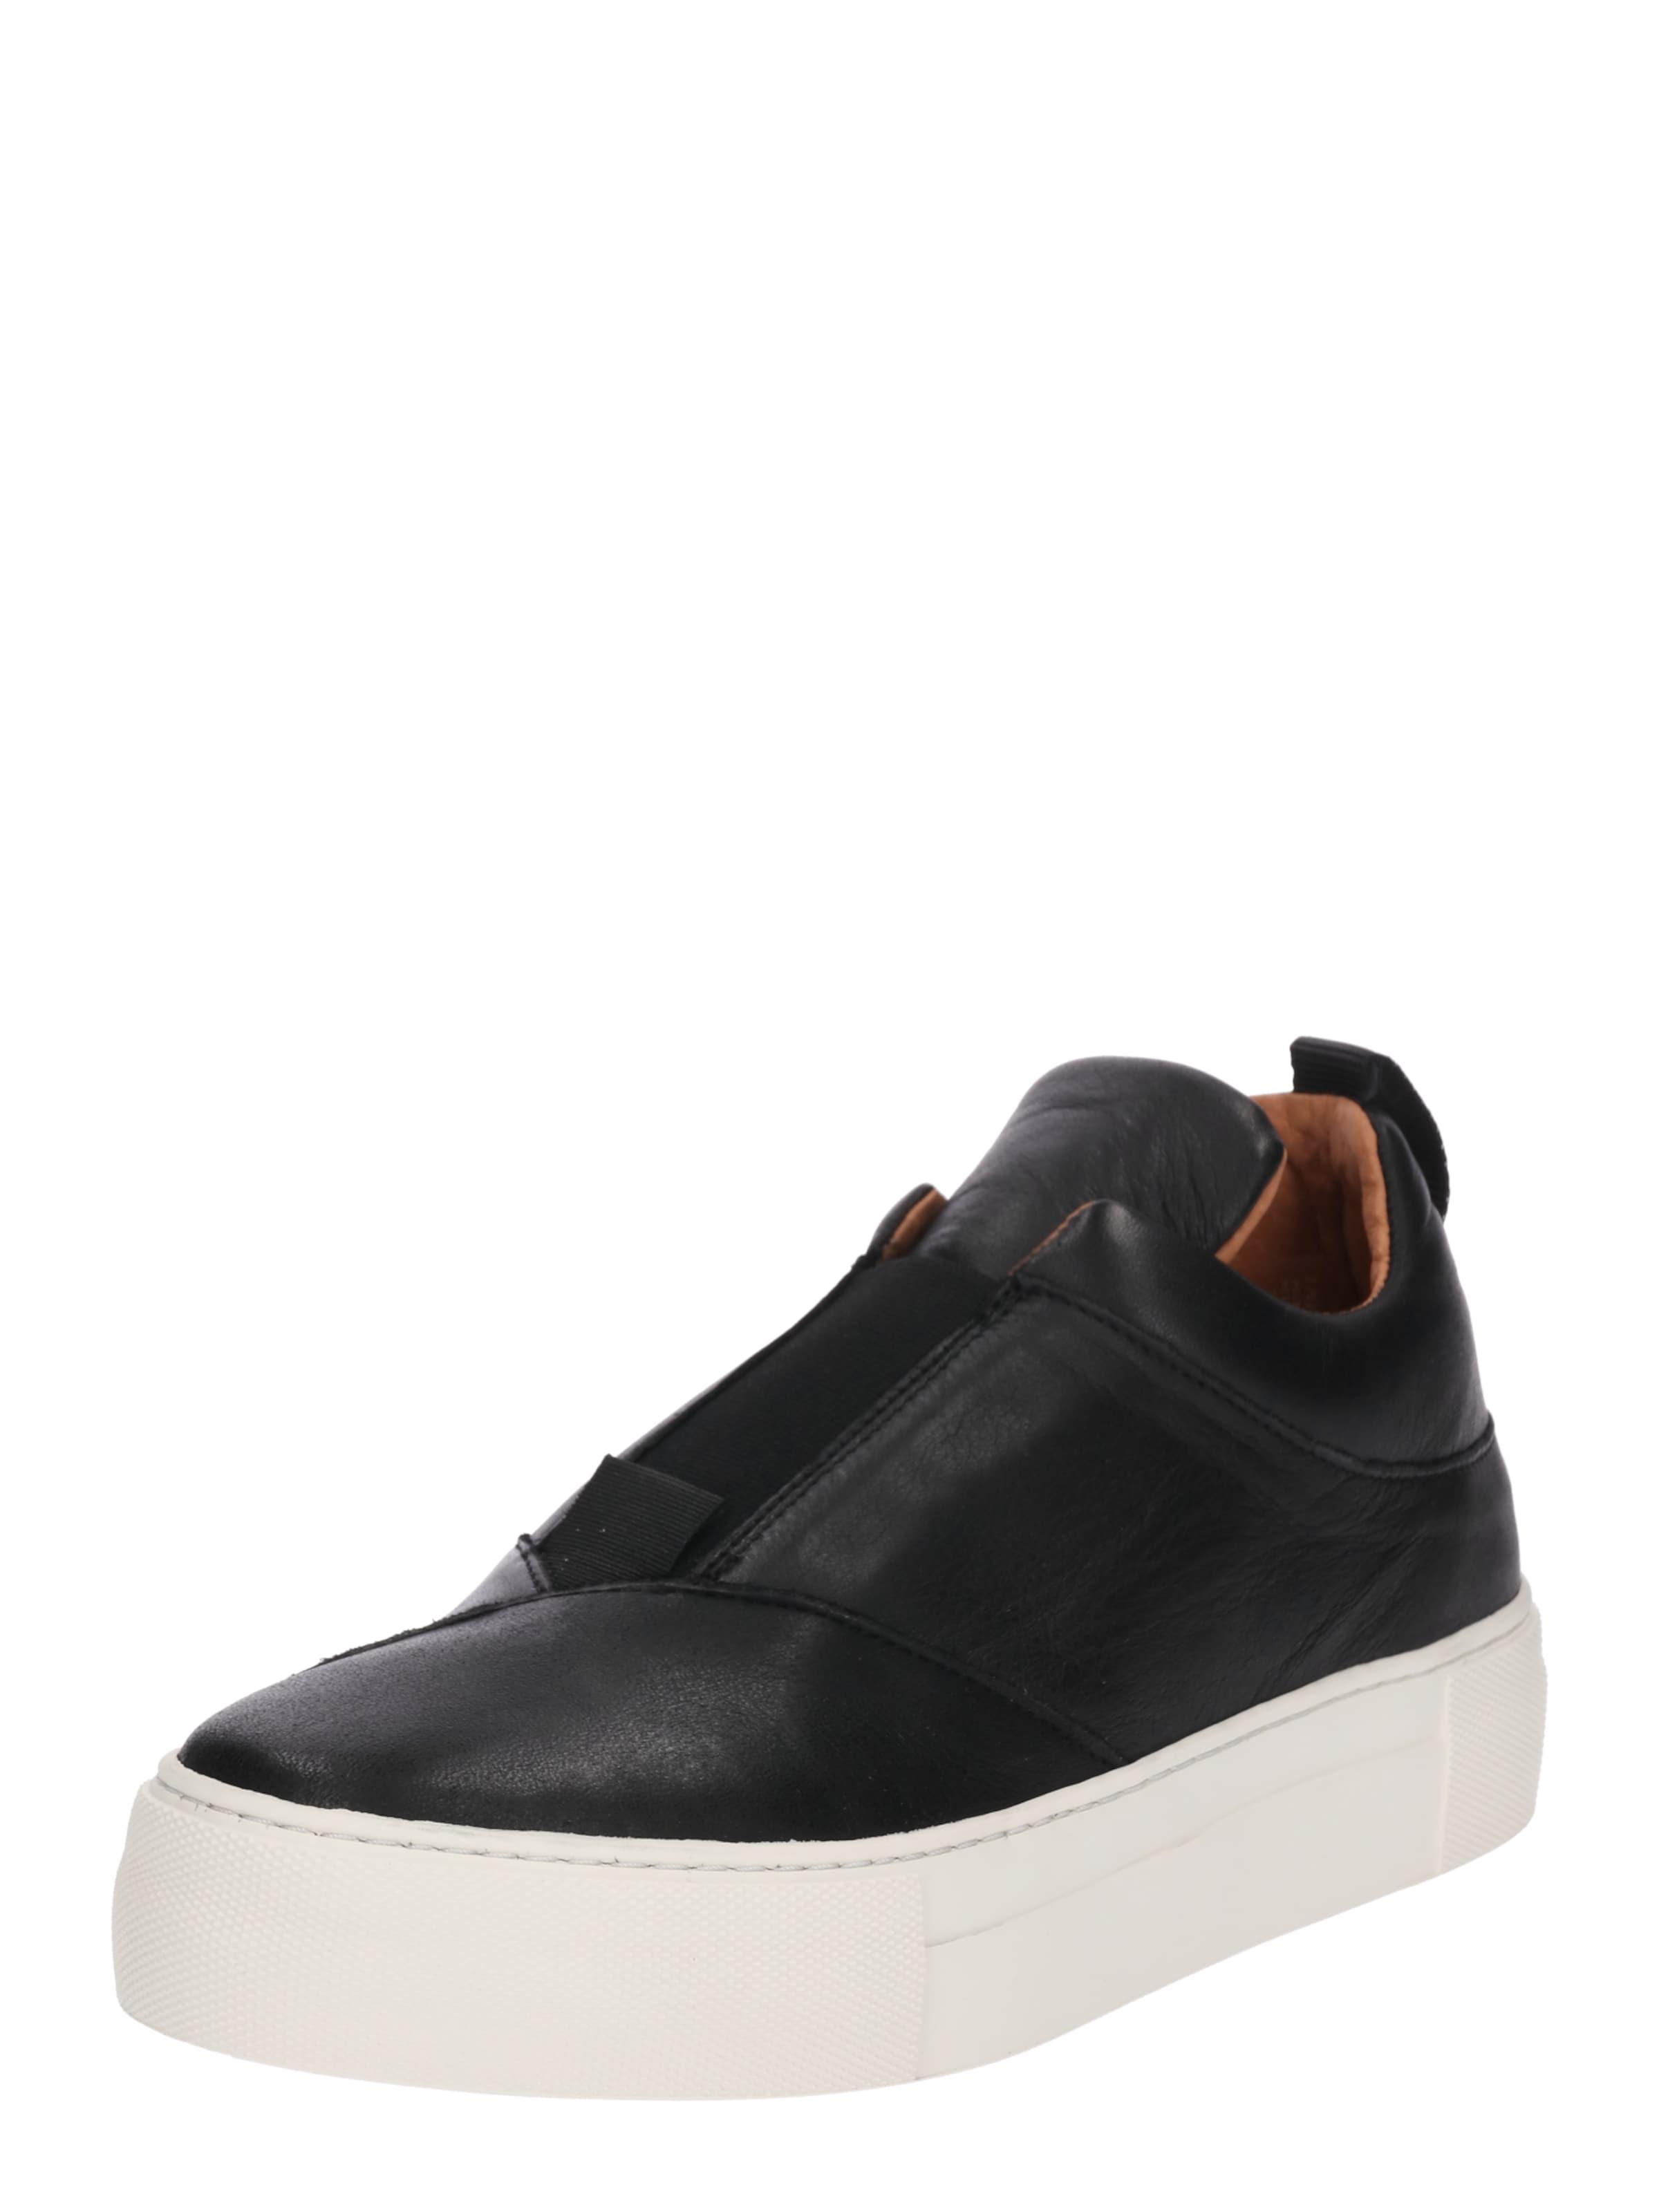 Haltbare Mode billige Schuhe SELECTED FEMME | Slipper 'SLFANN' Schuhe Gut getragene Schuhe